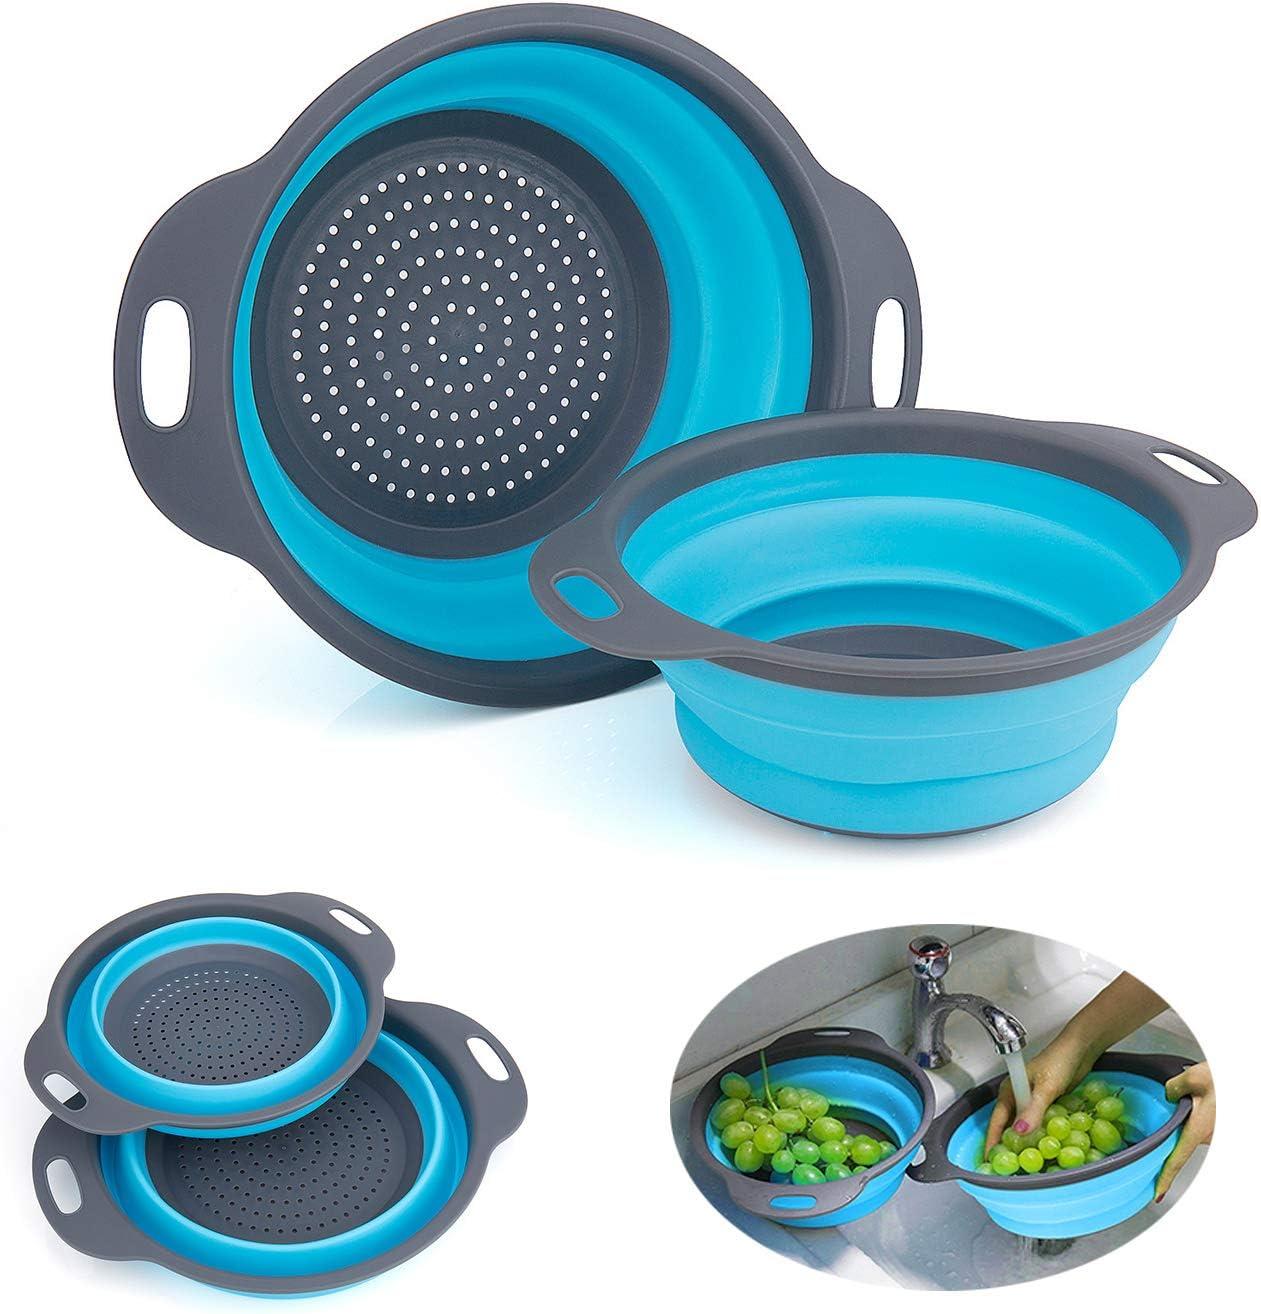 WolinTek Coladores Cocina,2 Tamaños Cocina Plegable Colador de Silicona, Respetuosos del Medio y Ambiente Fácil de Limpiar para verduras,brócoli,espaguetis,ensalada, etc (azul)